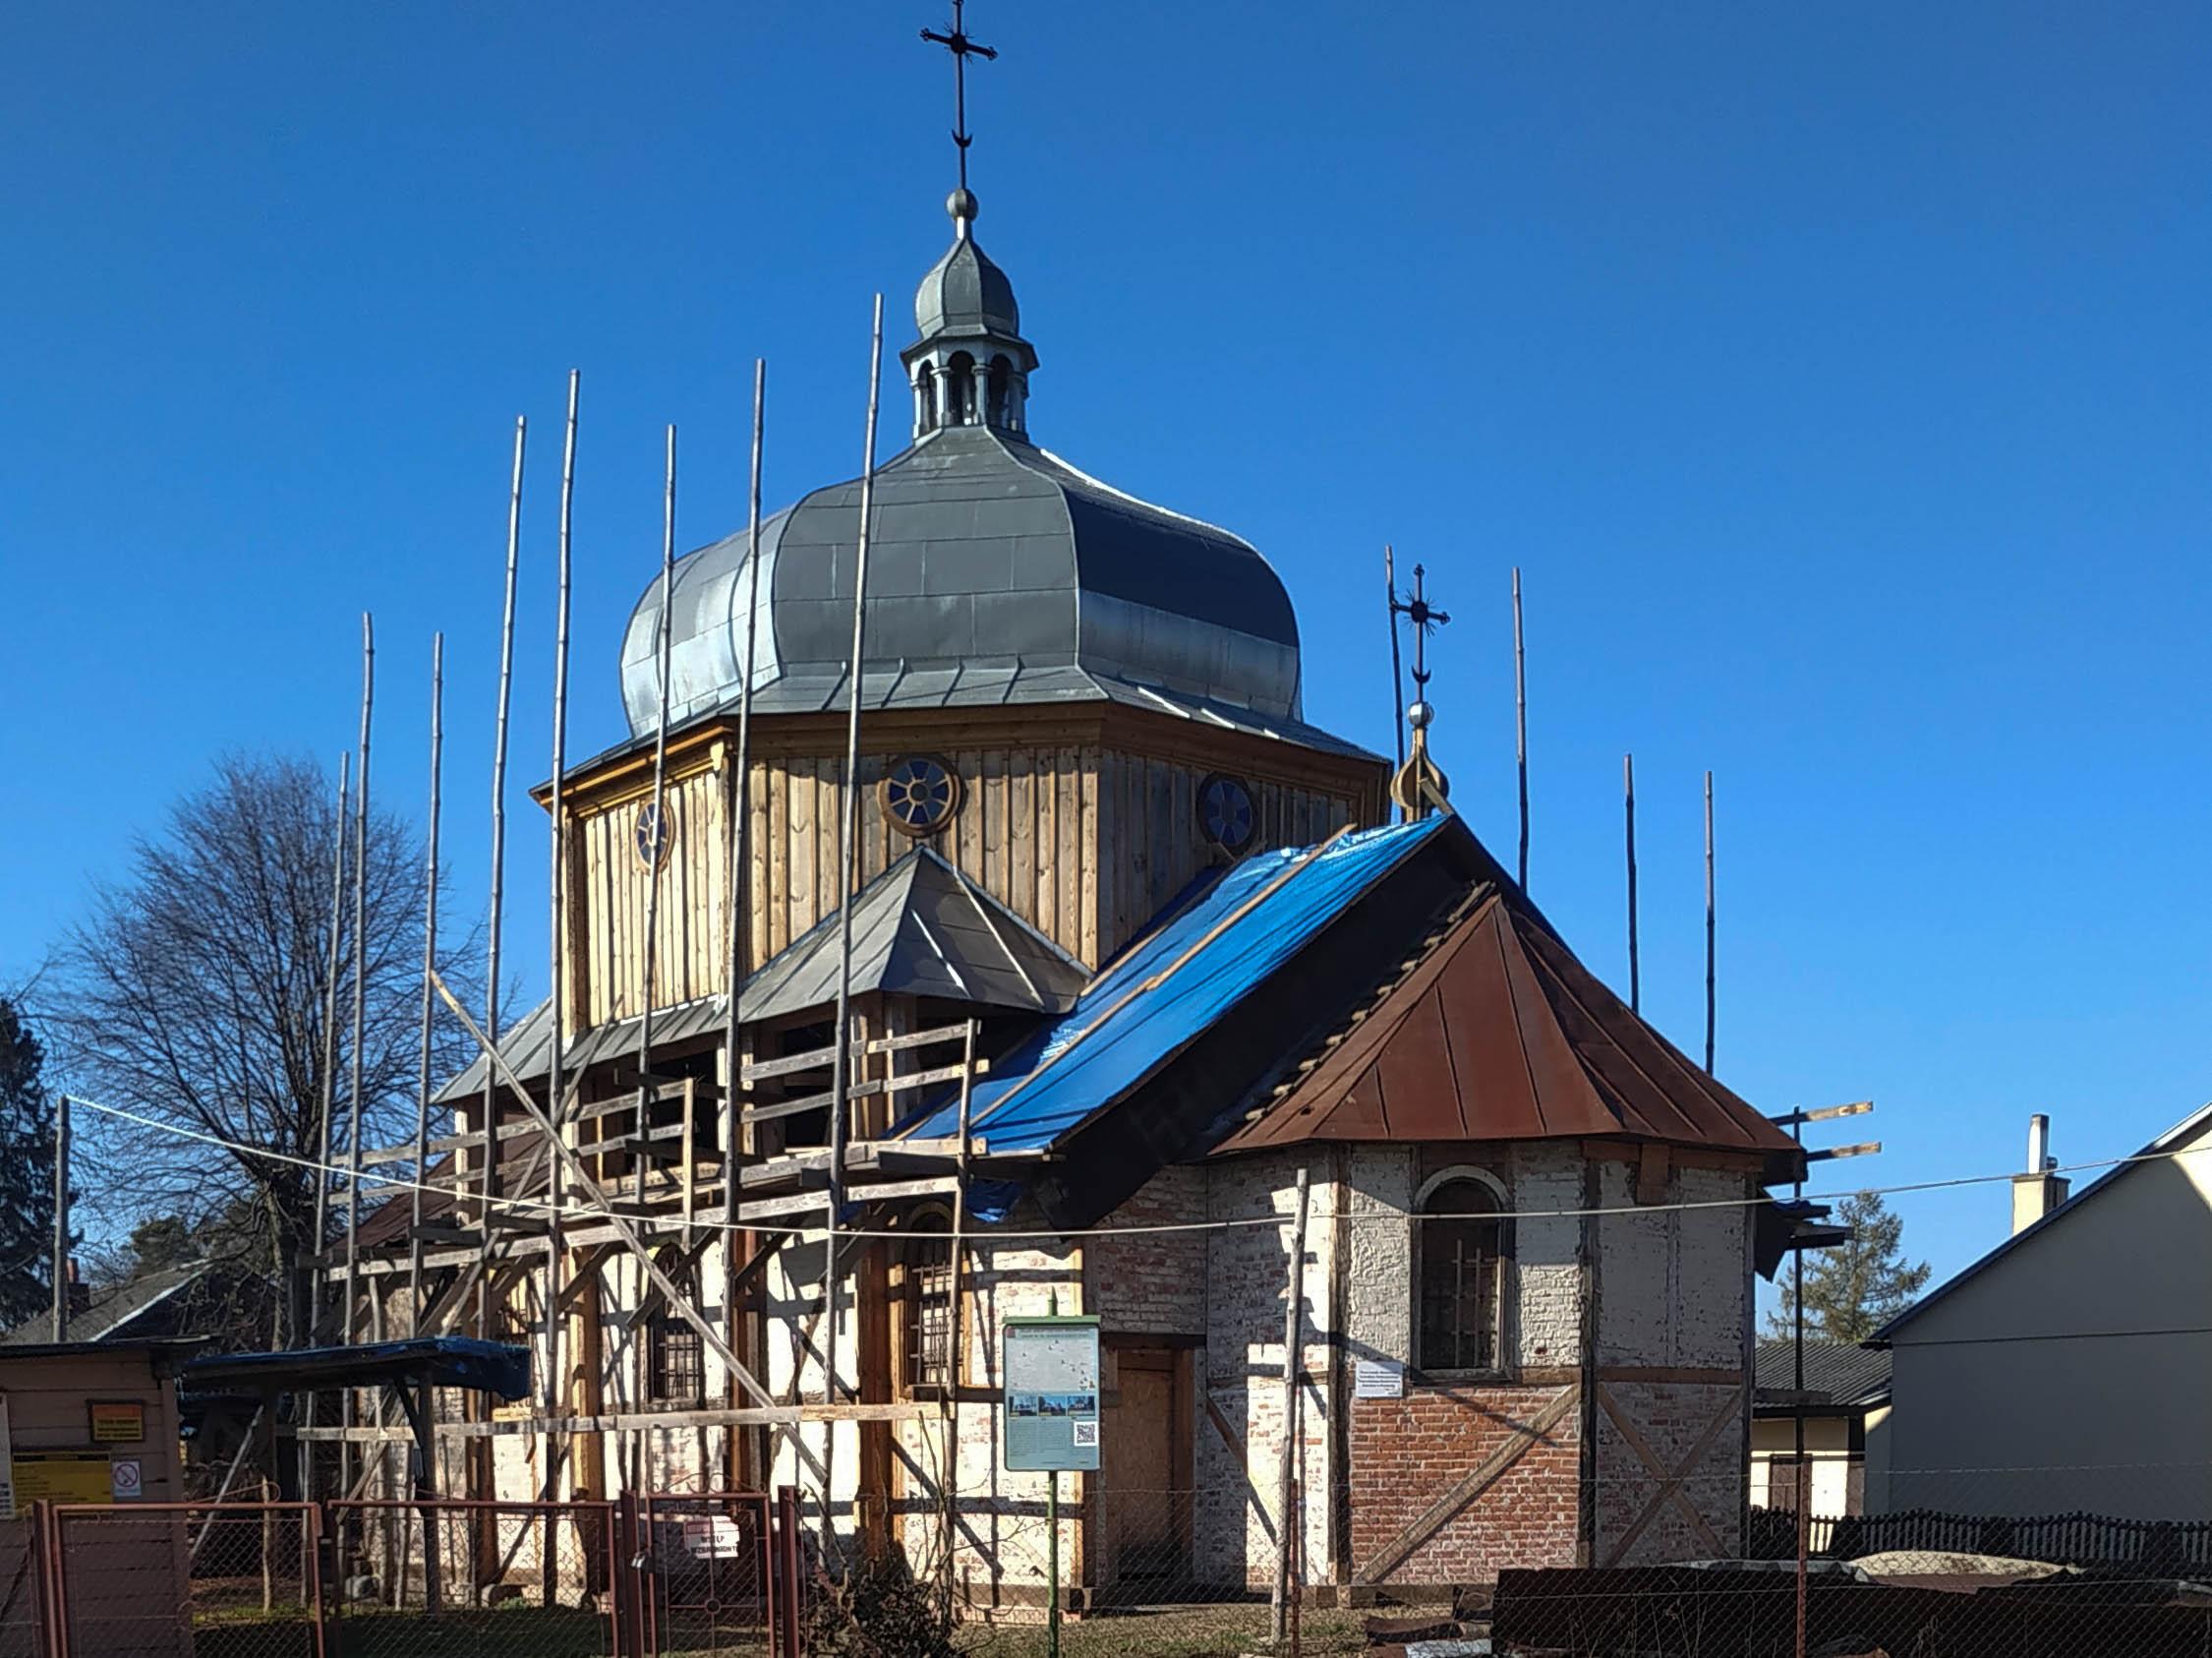 Cerkiew greckokatolicka św. Mikołaja Cudotwórcy w Wielkich Oczach, październik 2020 r.